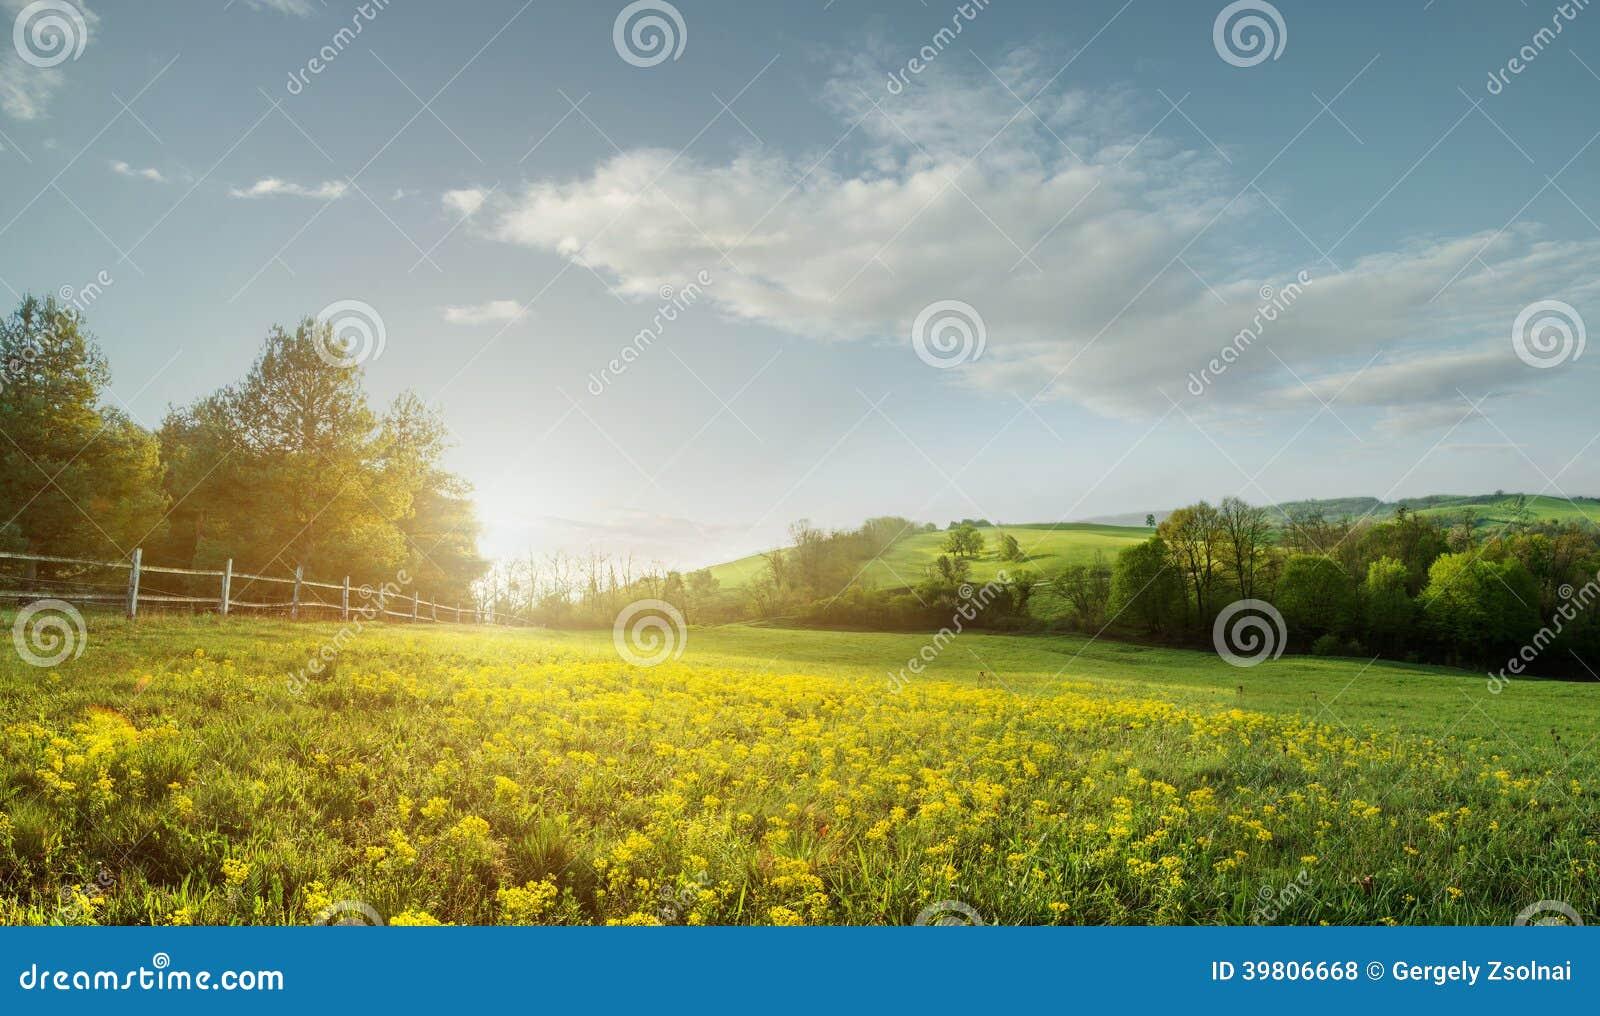 beautiful yellow field landscape - photo #25